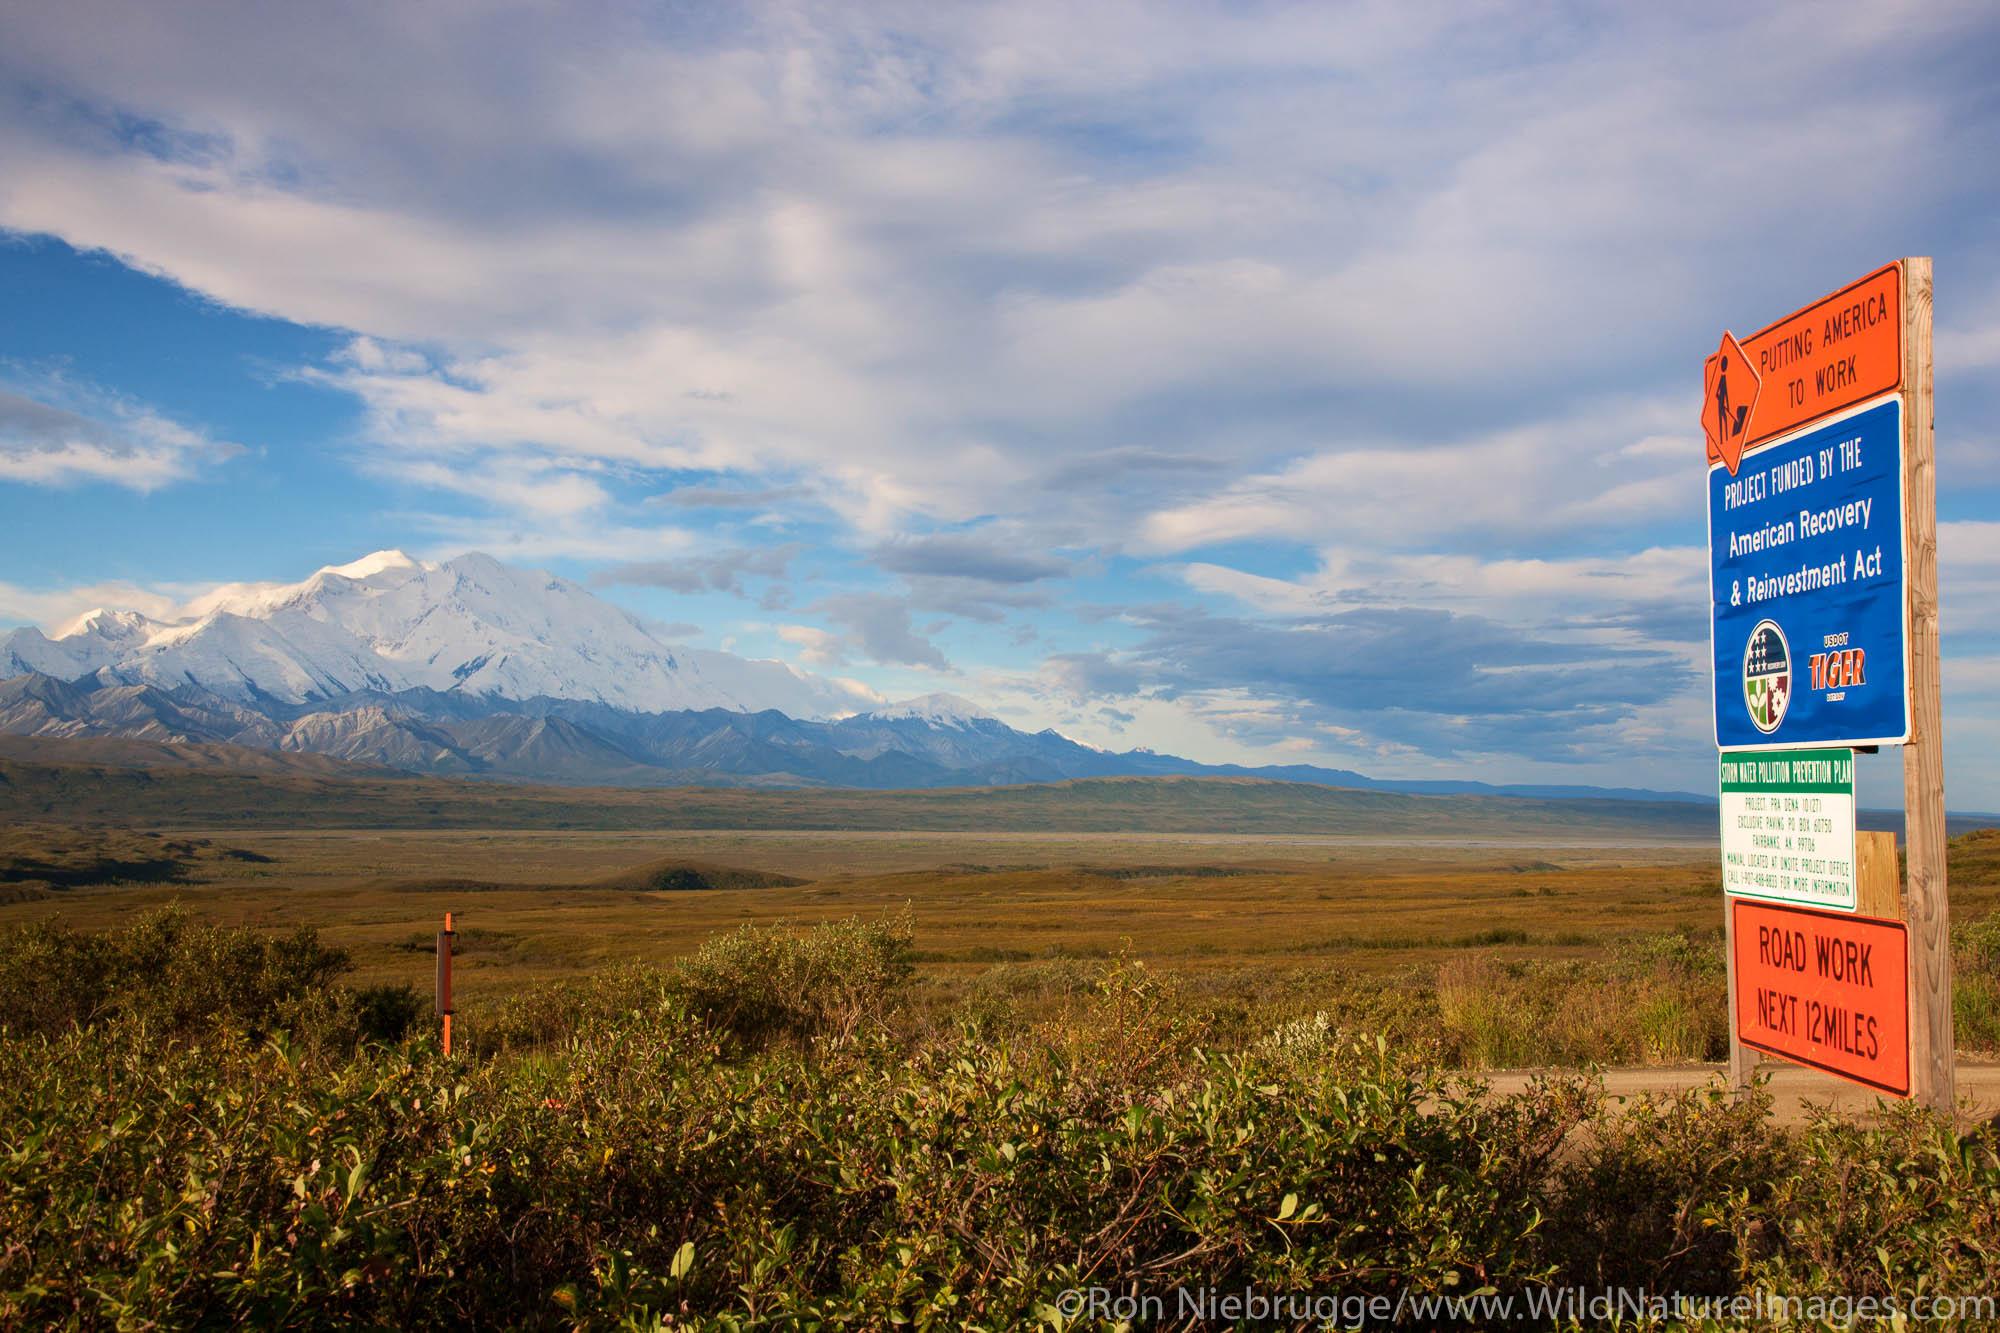 Road project sign, Denali National Park, Alaska.